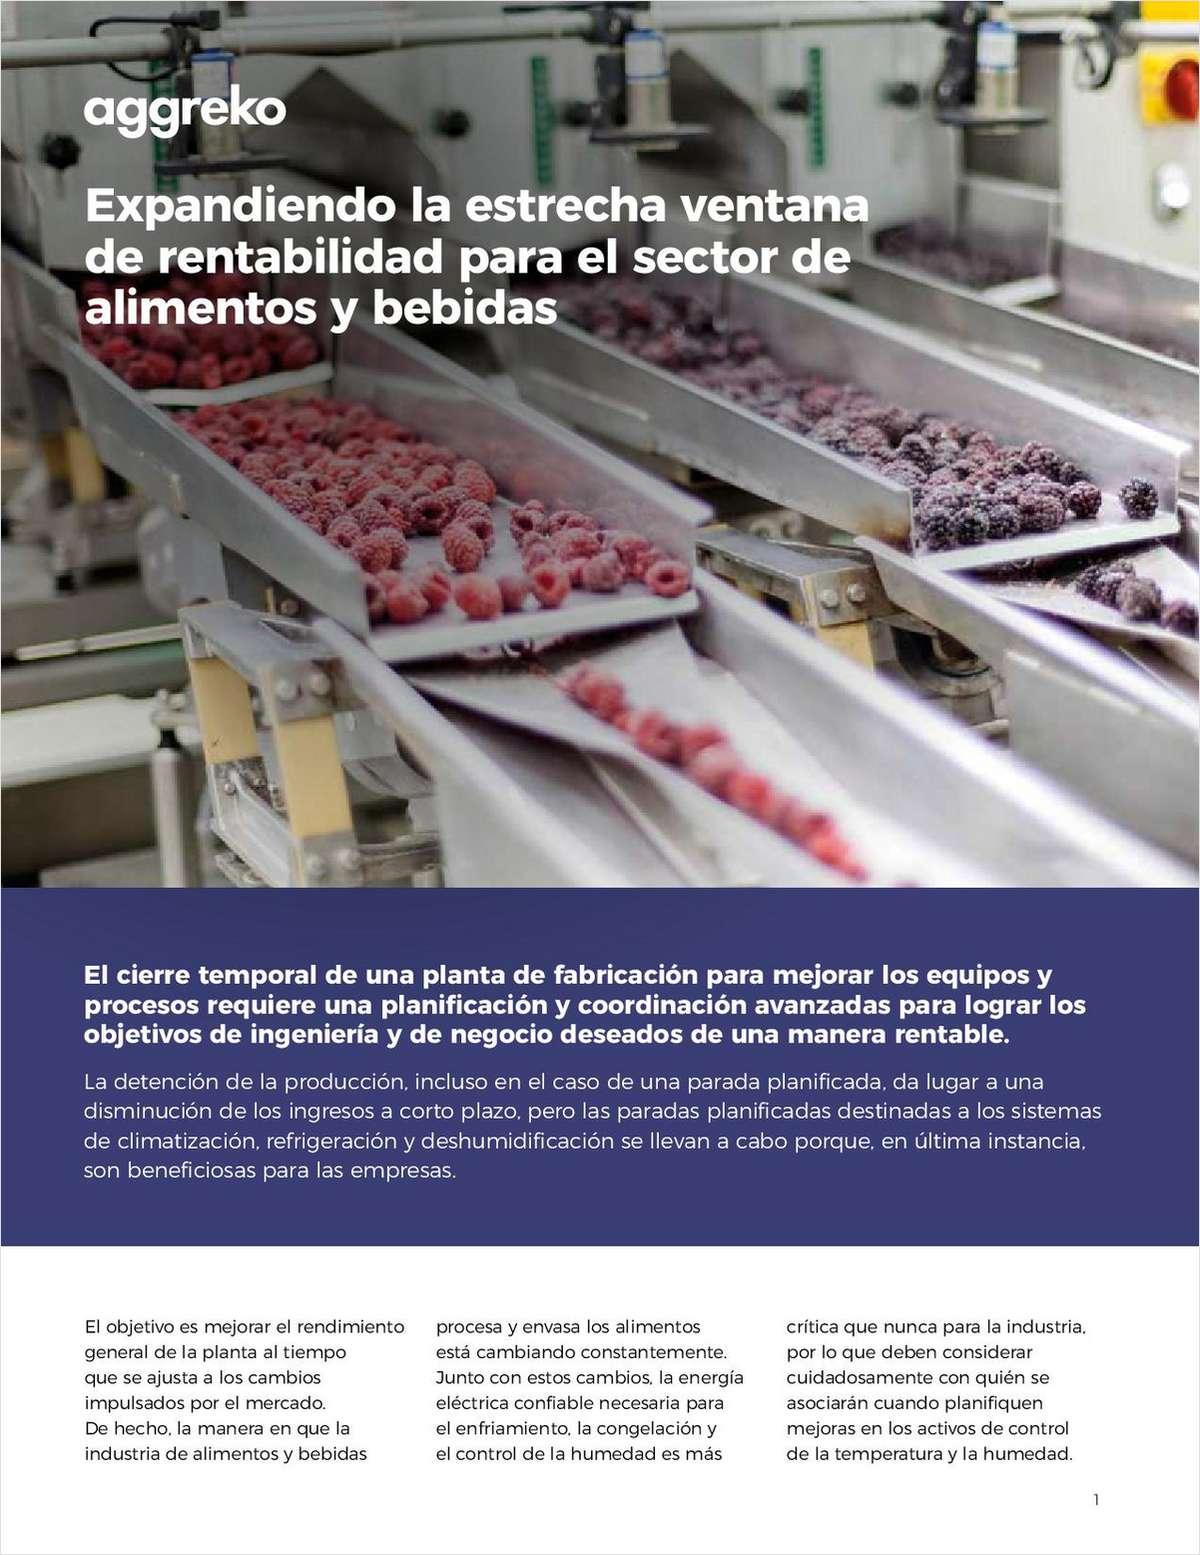 Expandiendo la estrecha ventana de rentabilidad para el sector de alimentos y bebidas